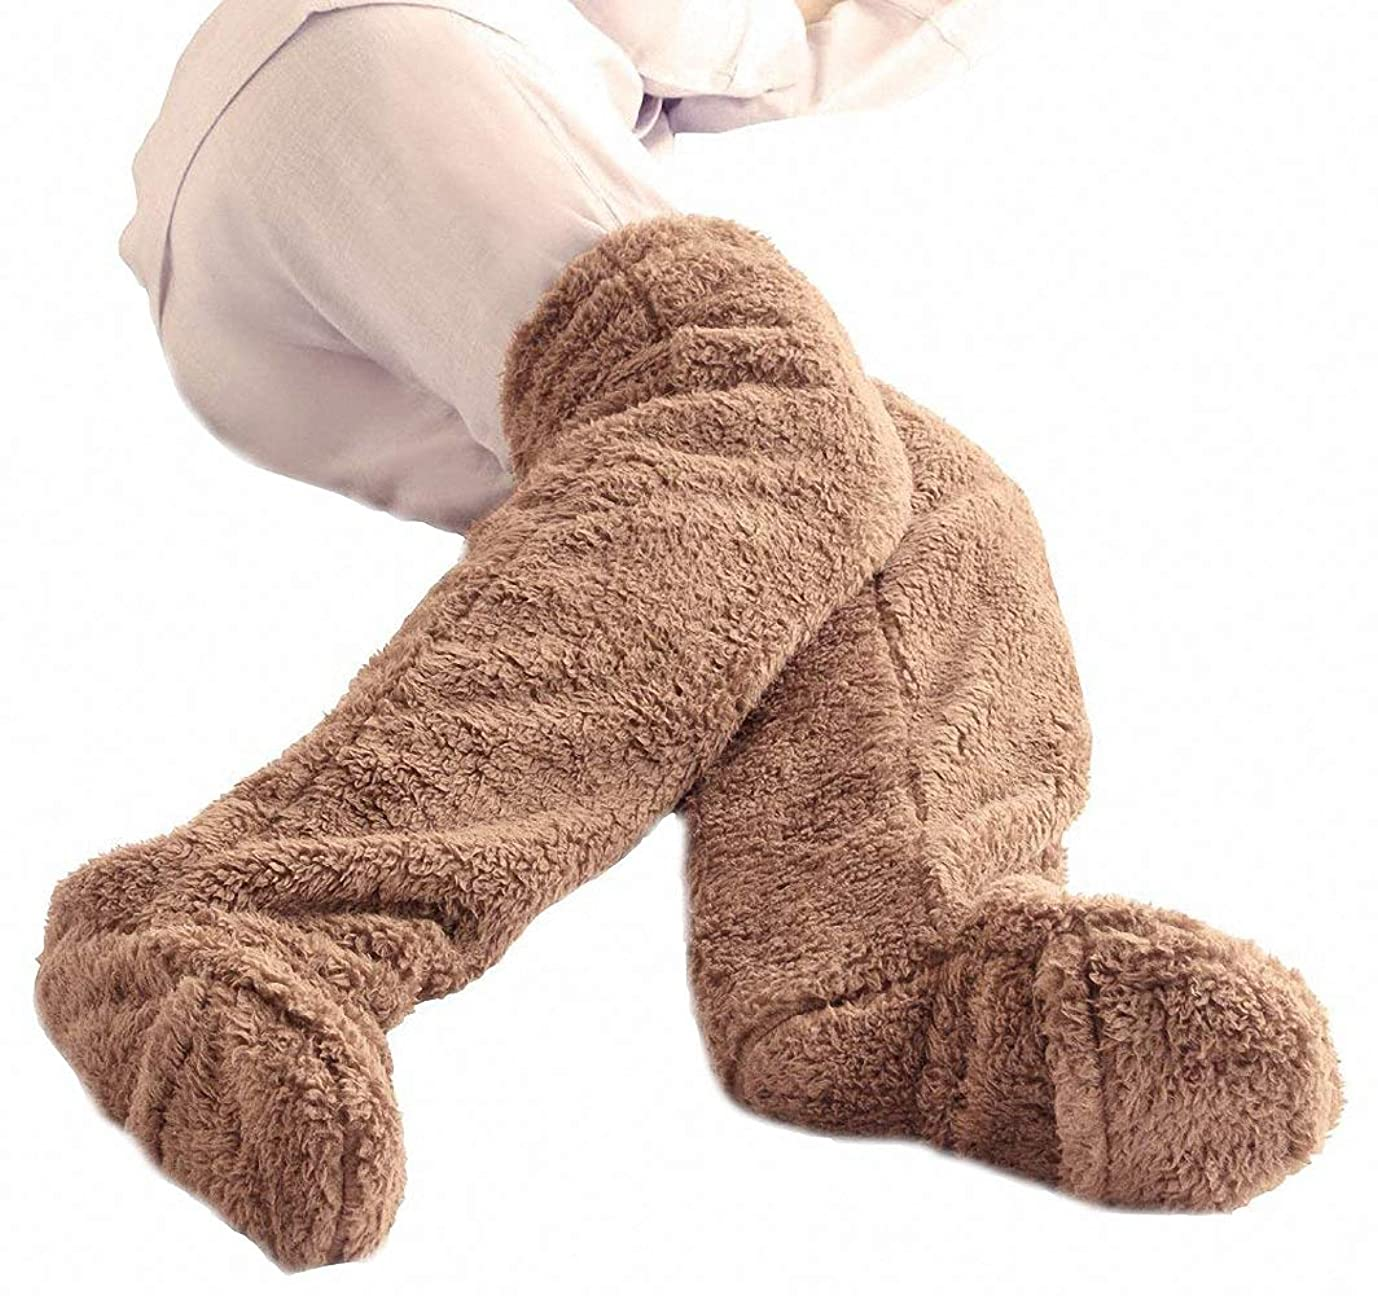 高める形成魅惑するフリース生地 室内履き 足が出せるロングカバー 軽量ヒートソックス 歩ける ロングカバー 極暖 ルームソックスルームシューズ